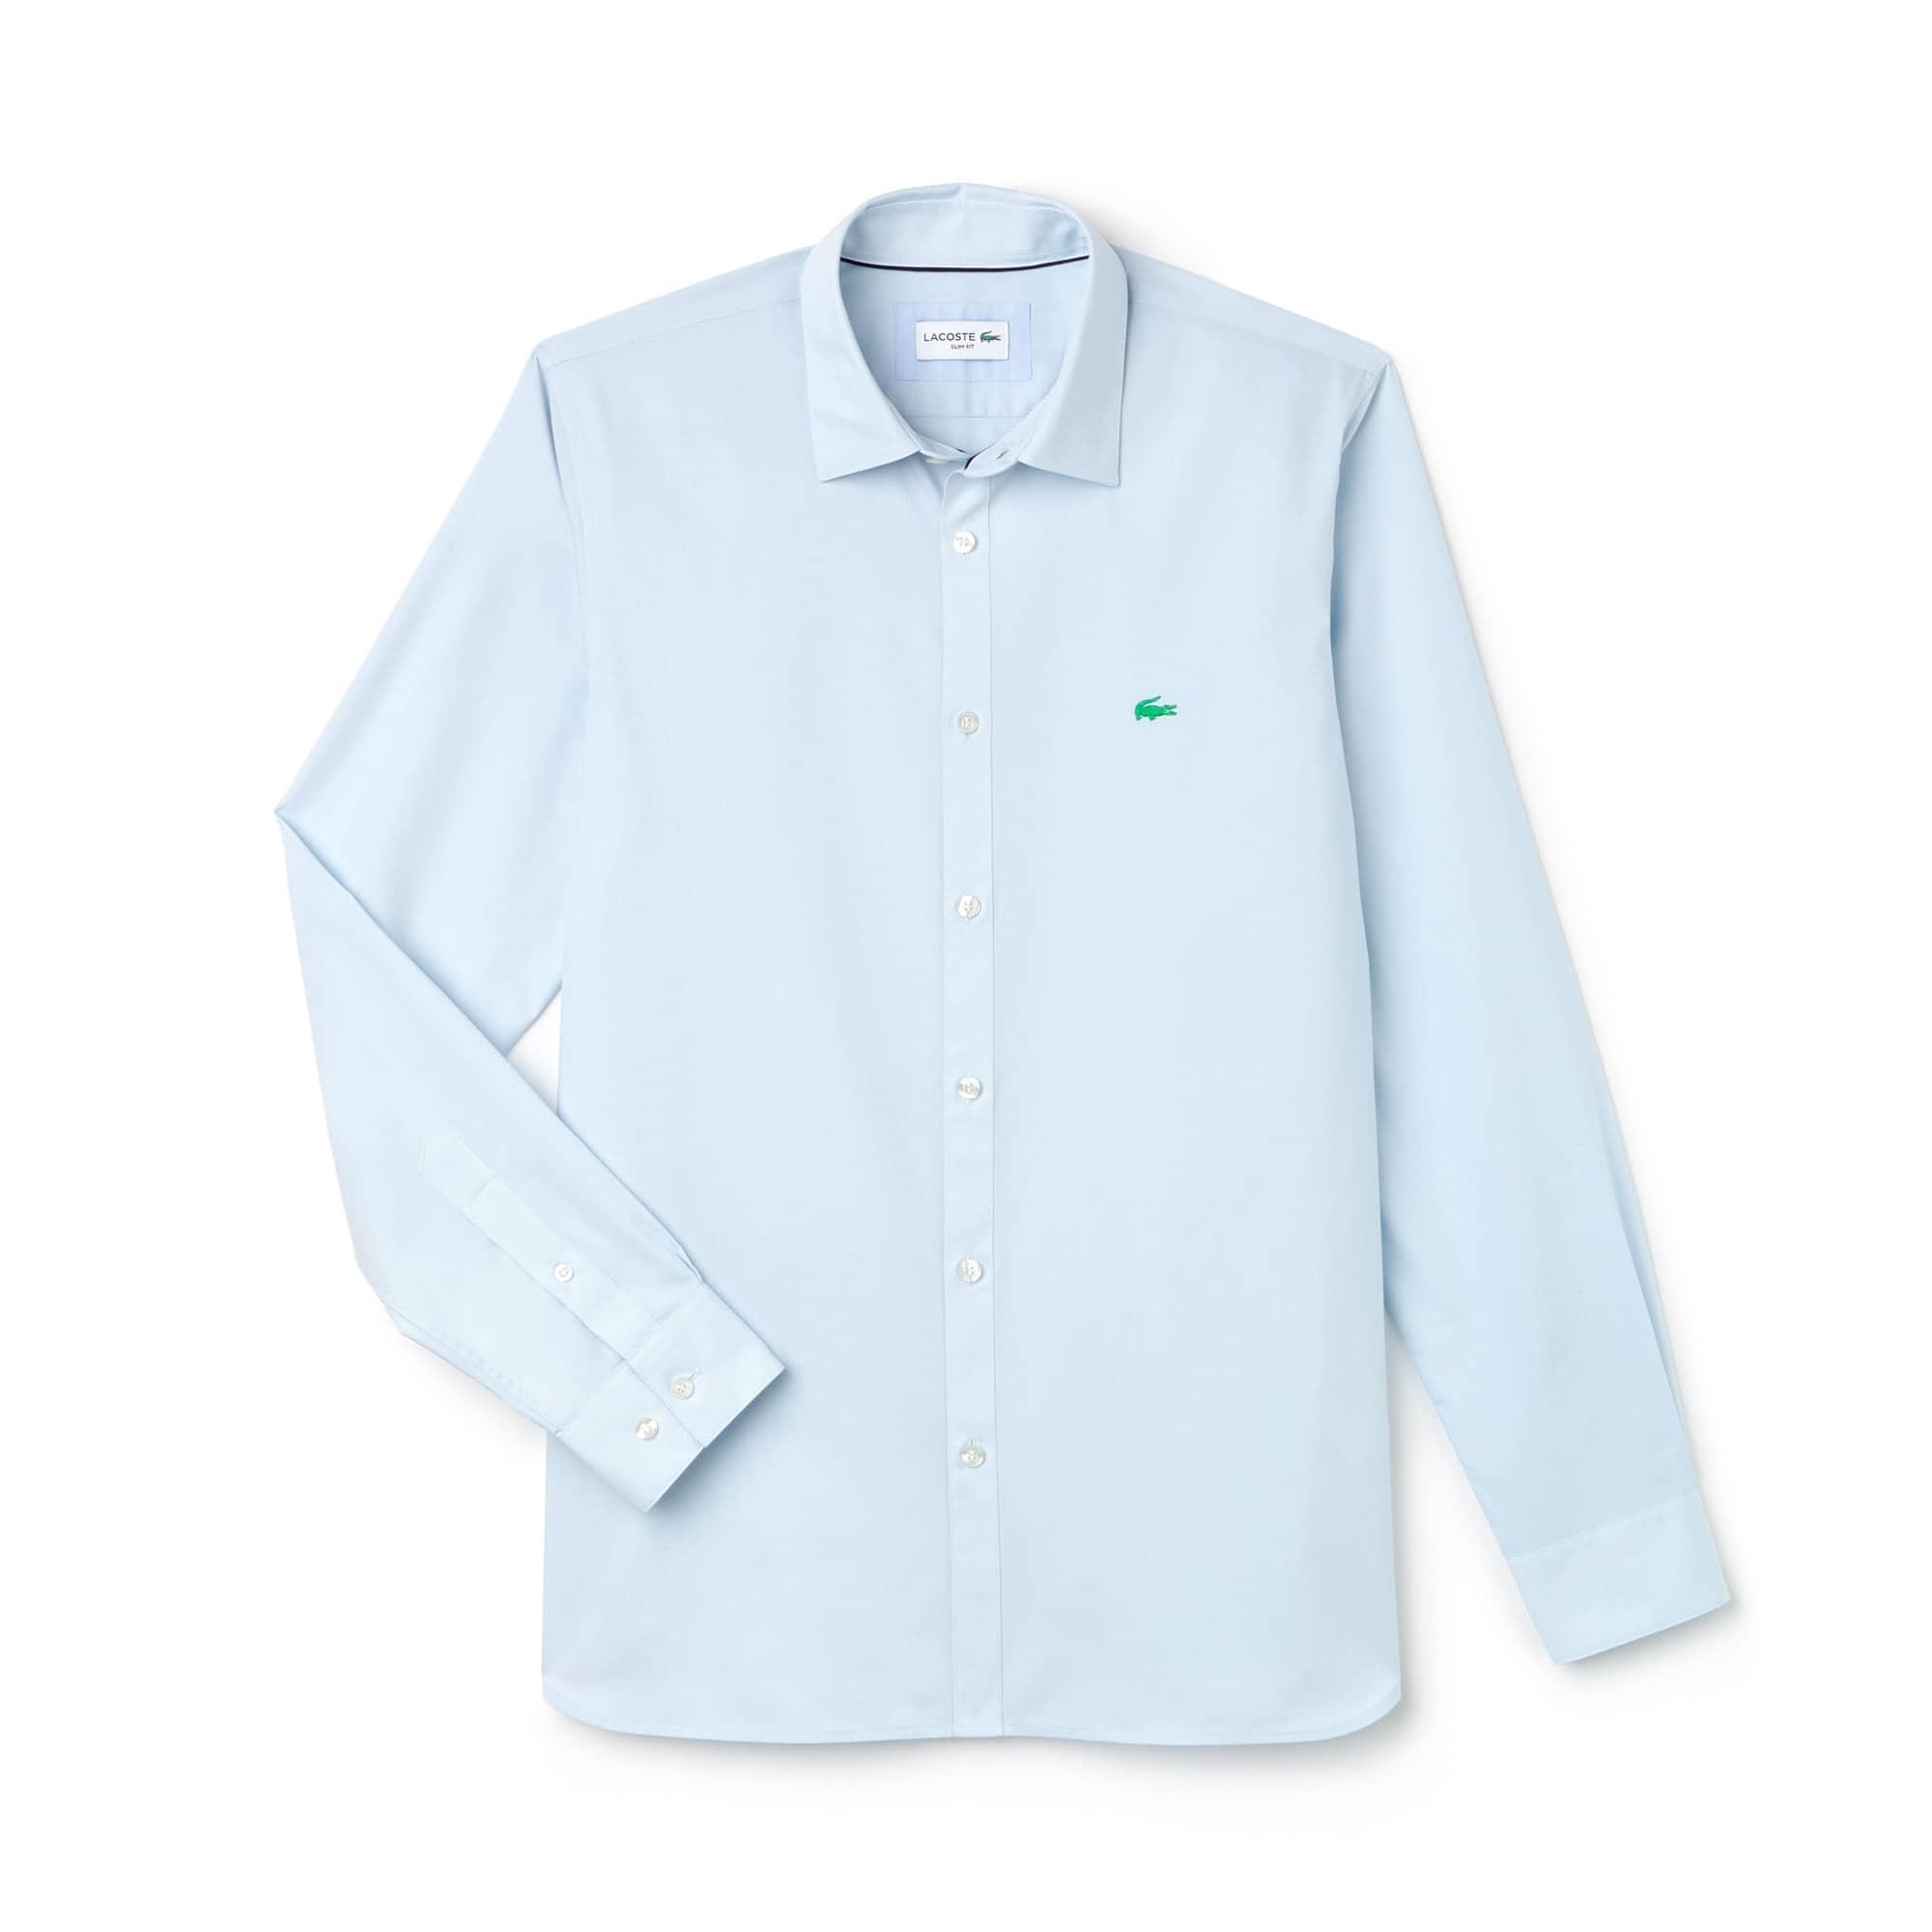 Camisa slim fit em popelina jacquard às riscas